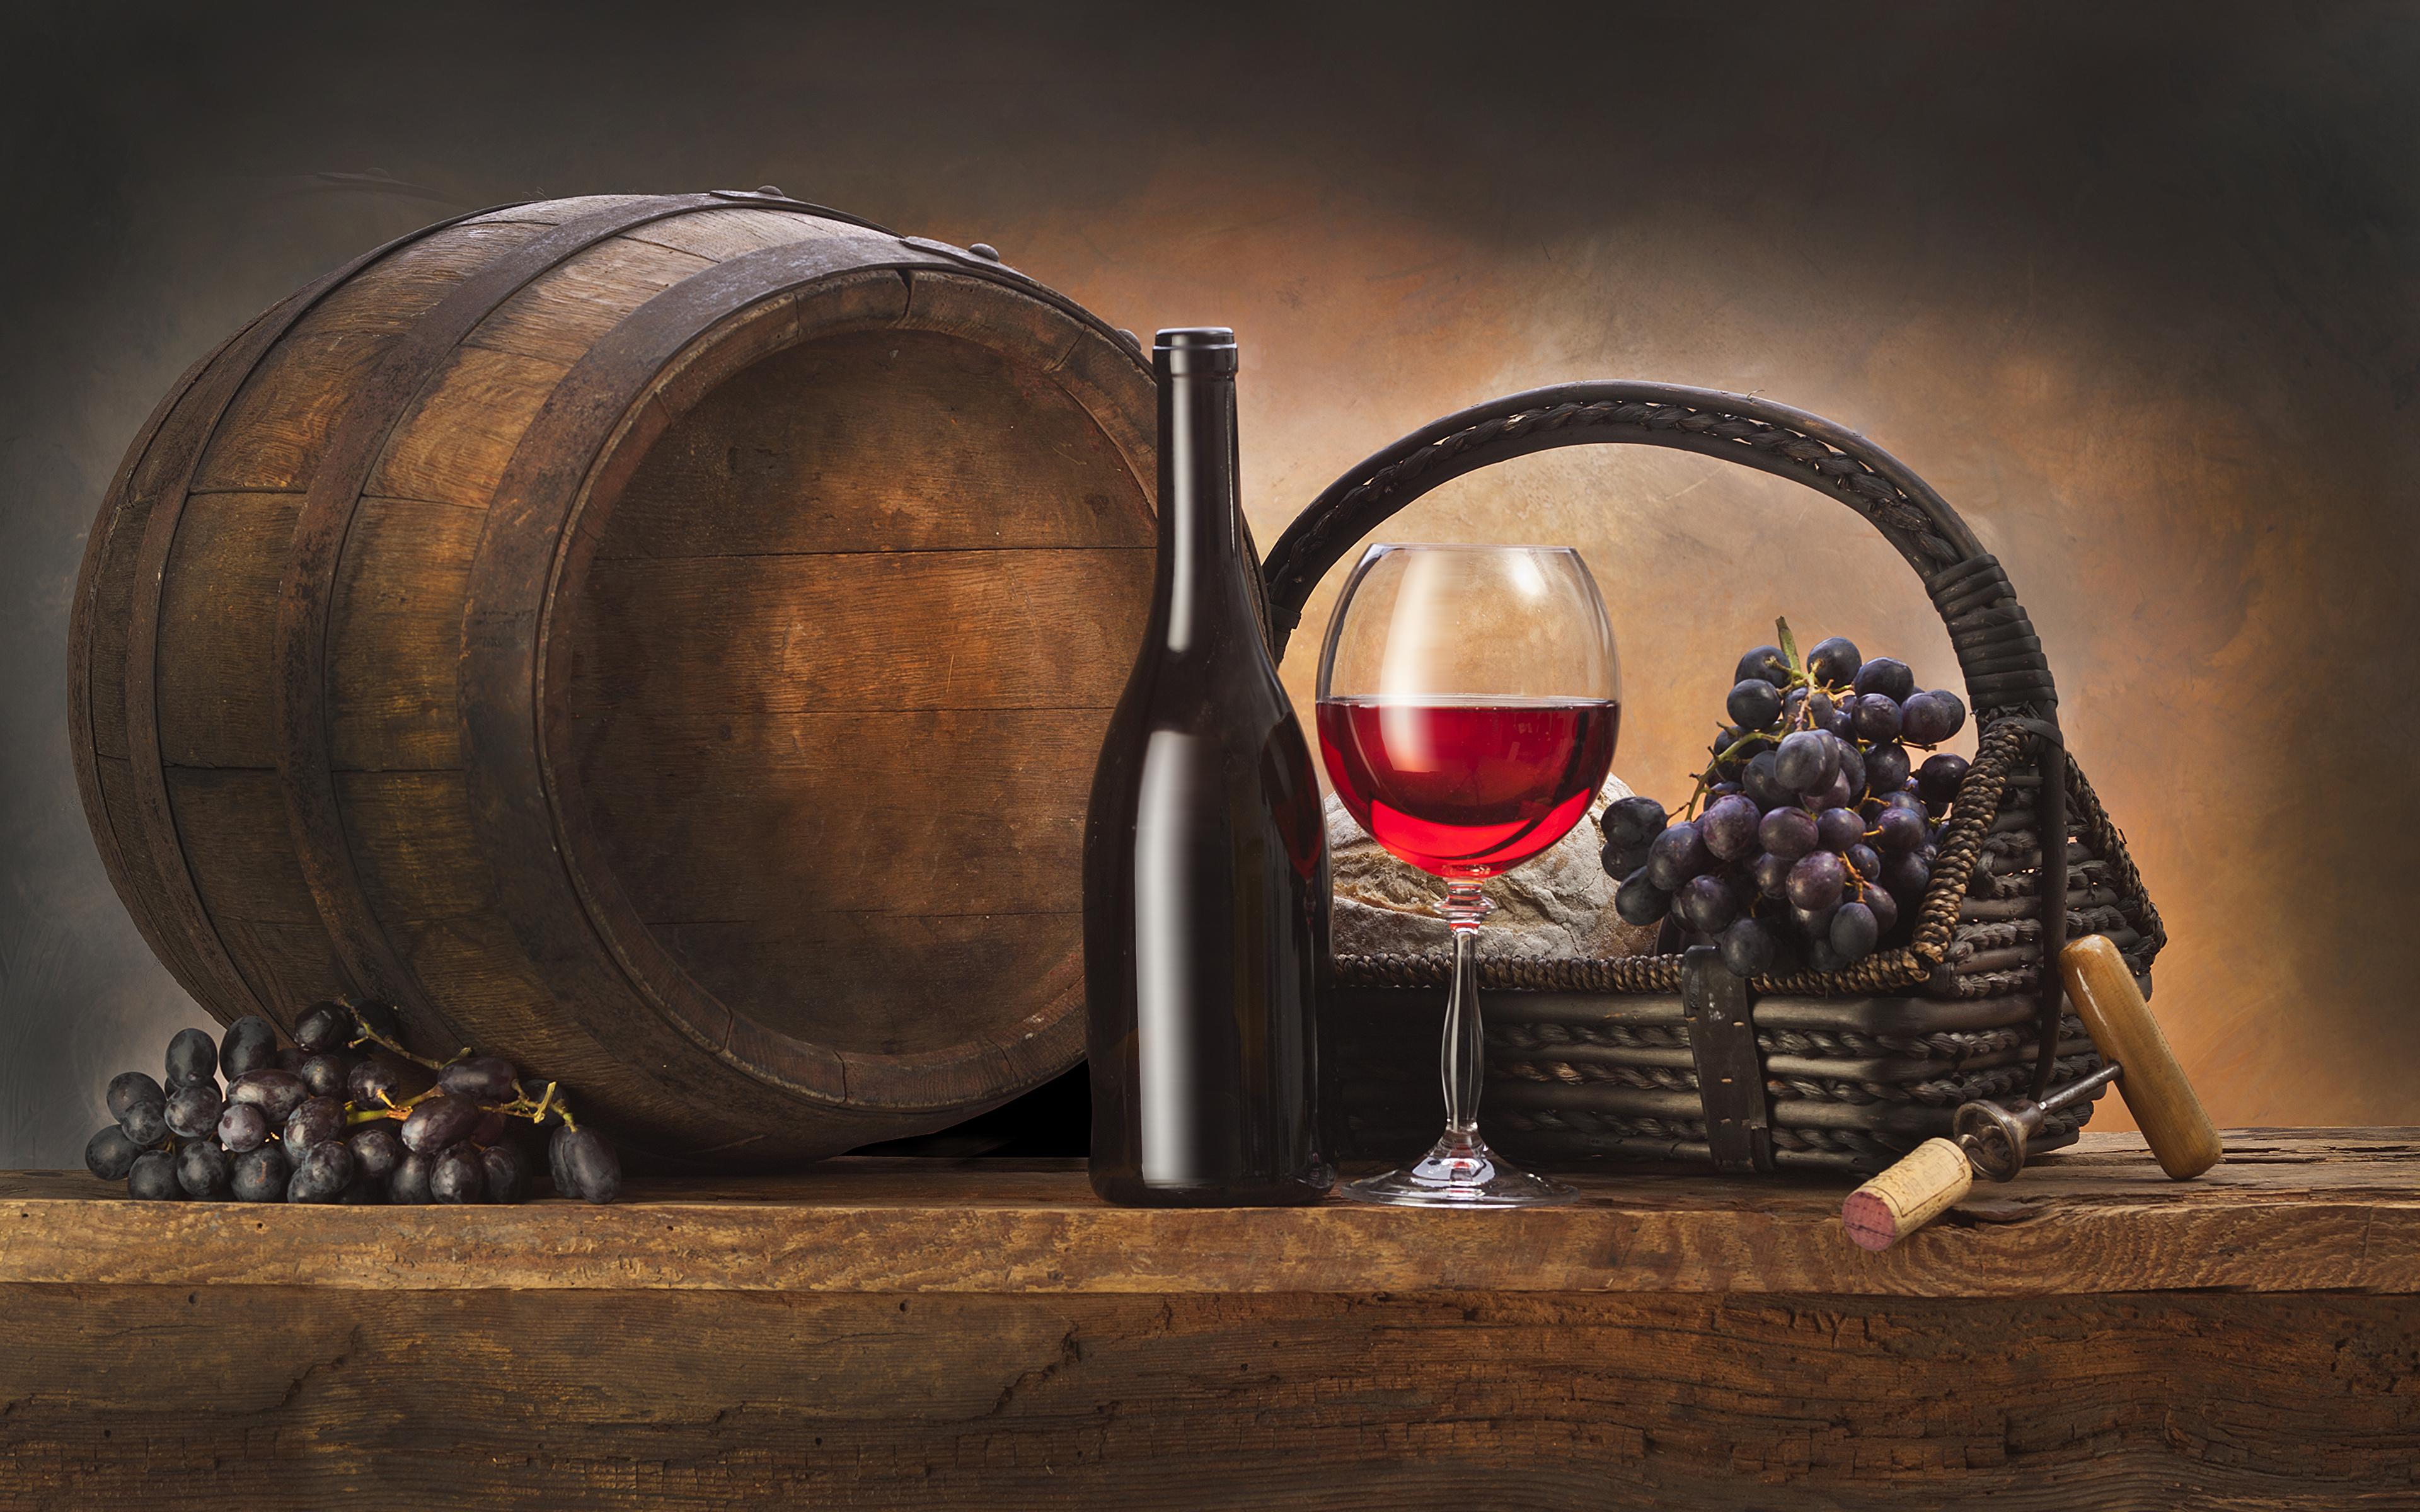 вино, бочка, скрипка, виноград скачать